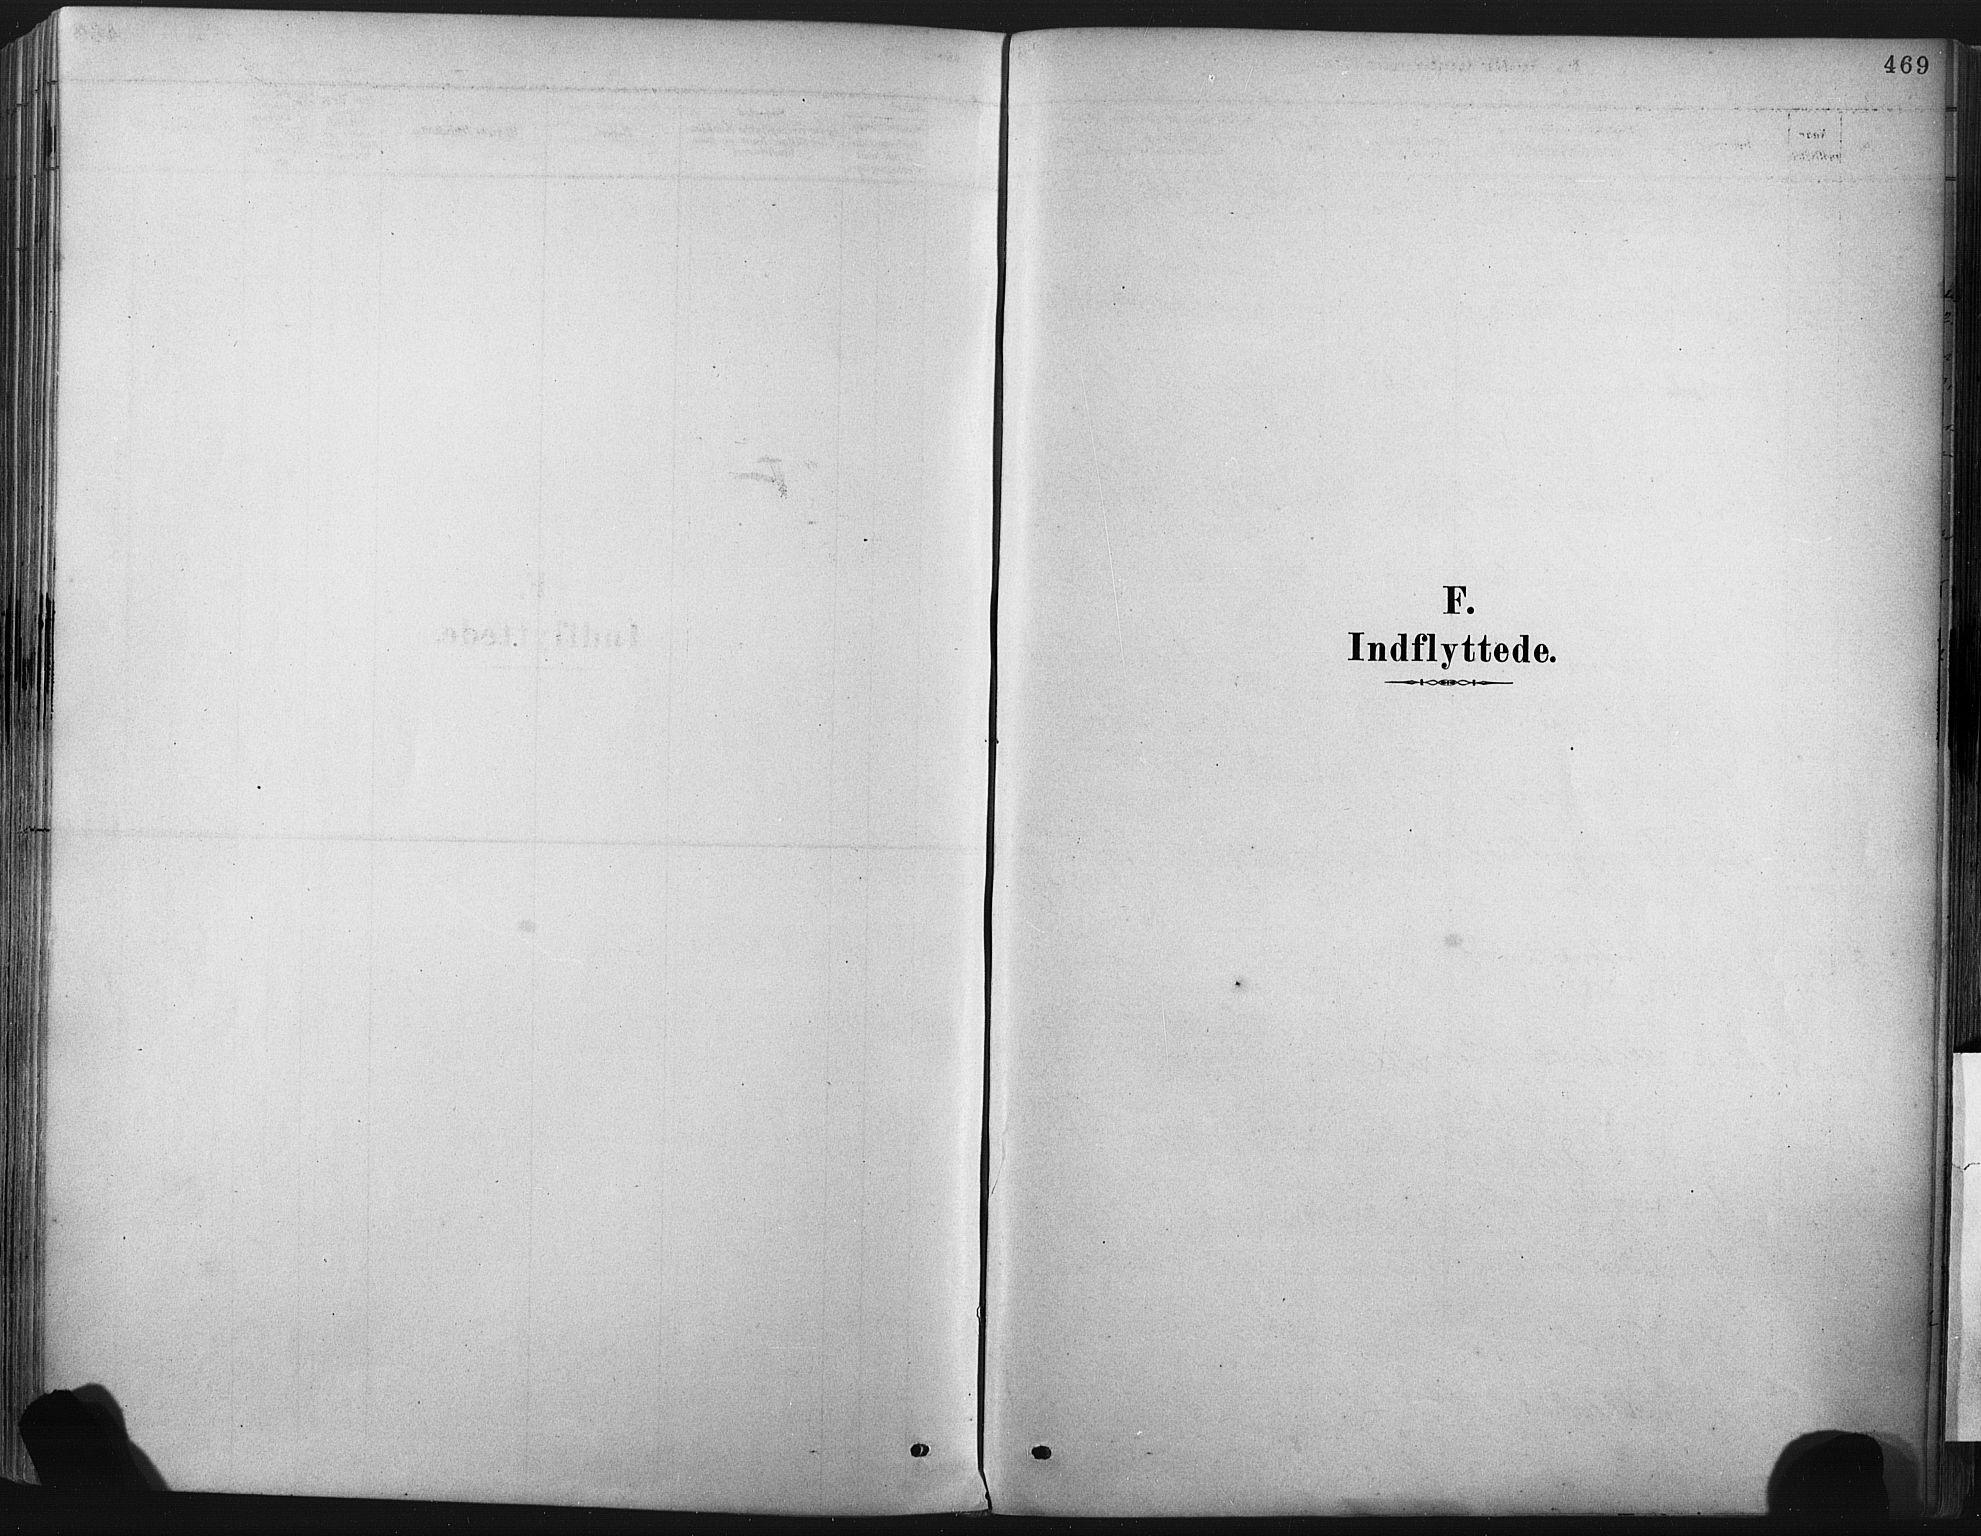 SAKO, Porsgrunn kirkebøker , F/Fa/L0008: Ministerialbok nr. 8, 1878-1895, s. 469